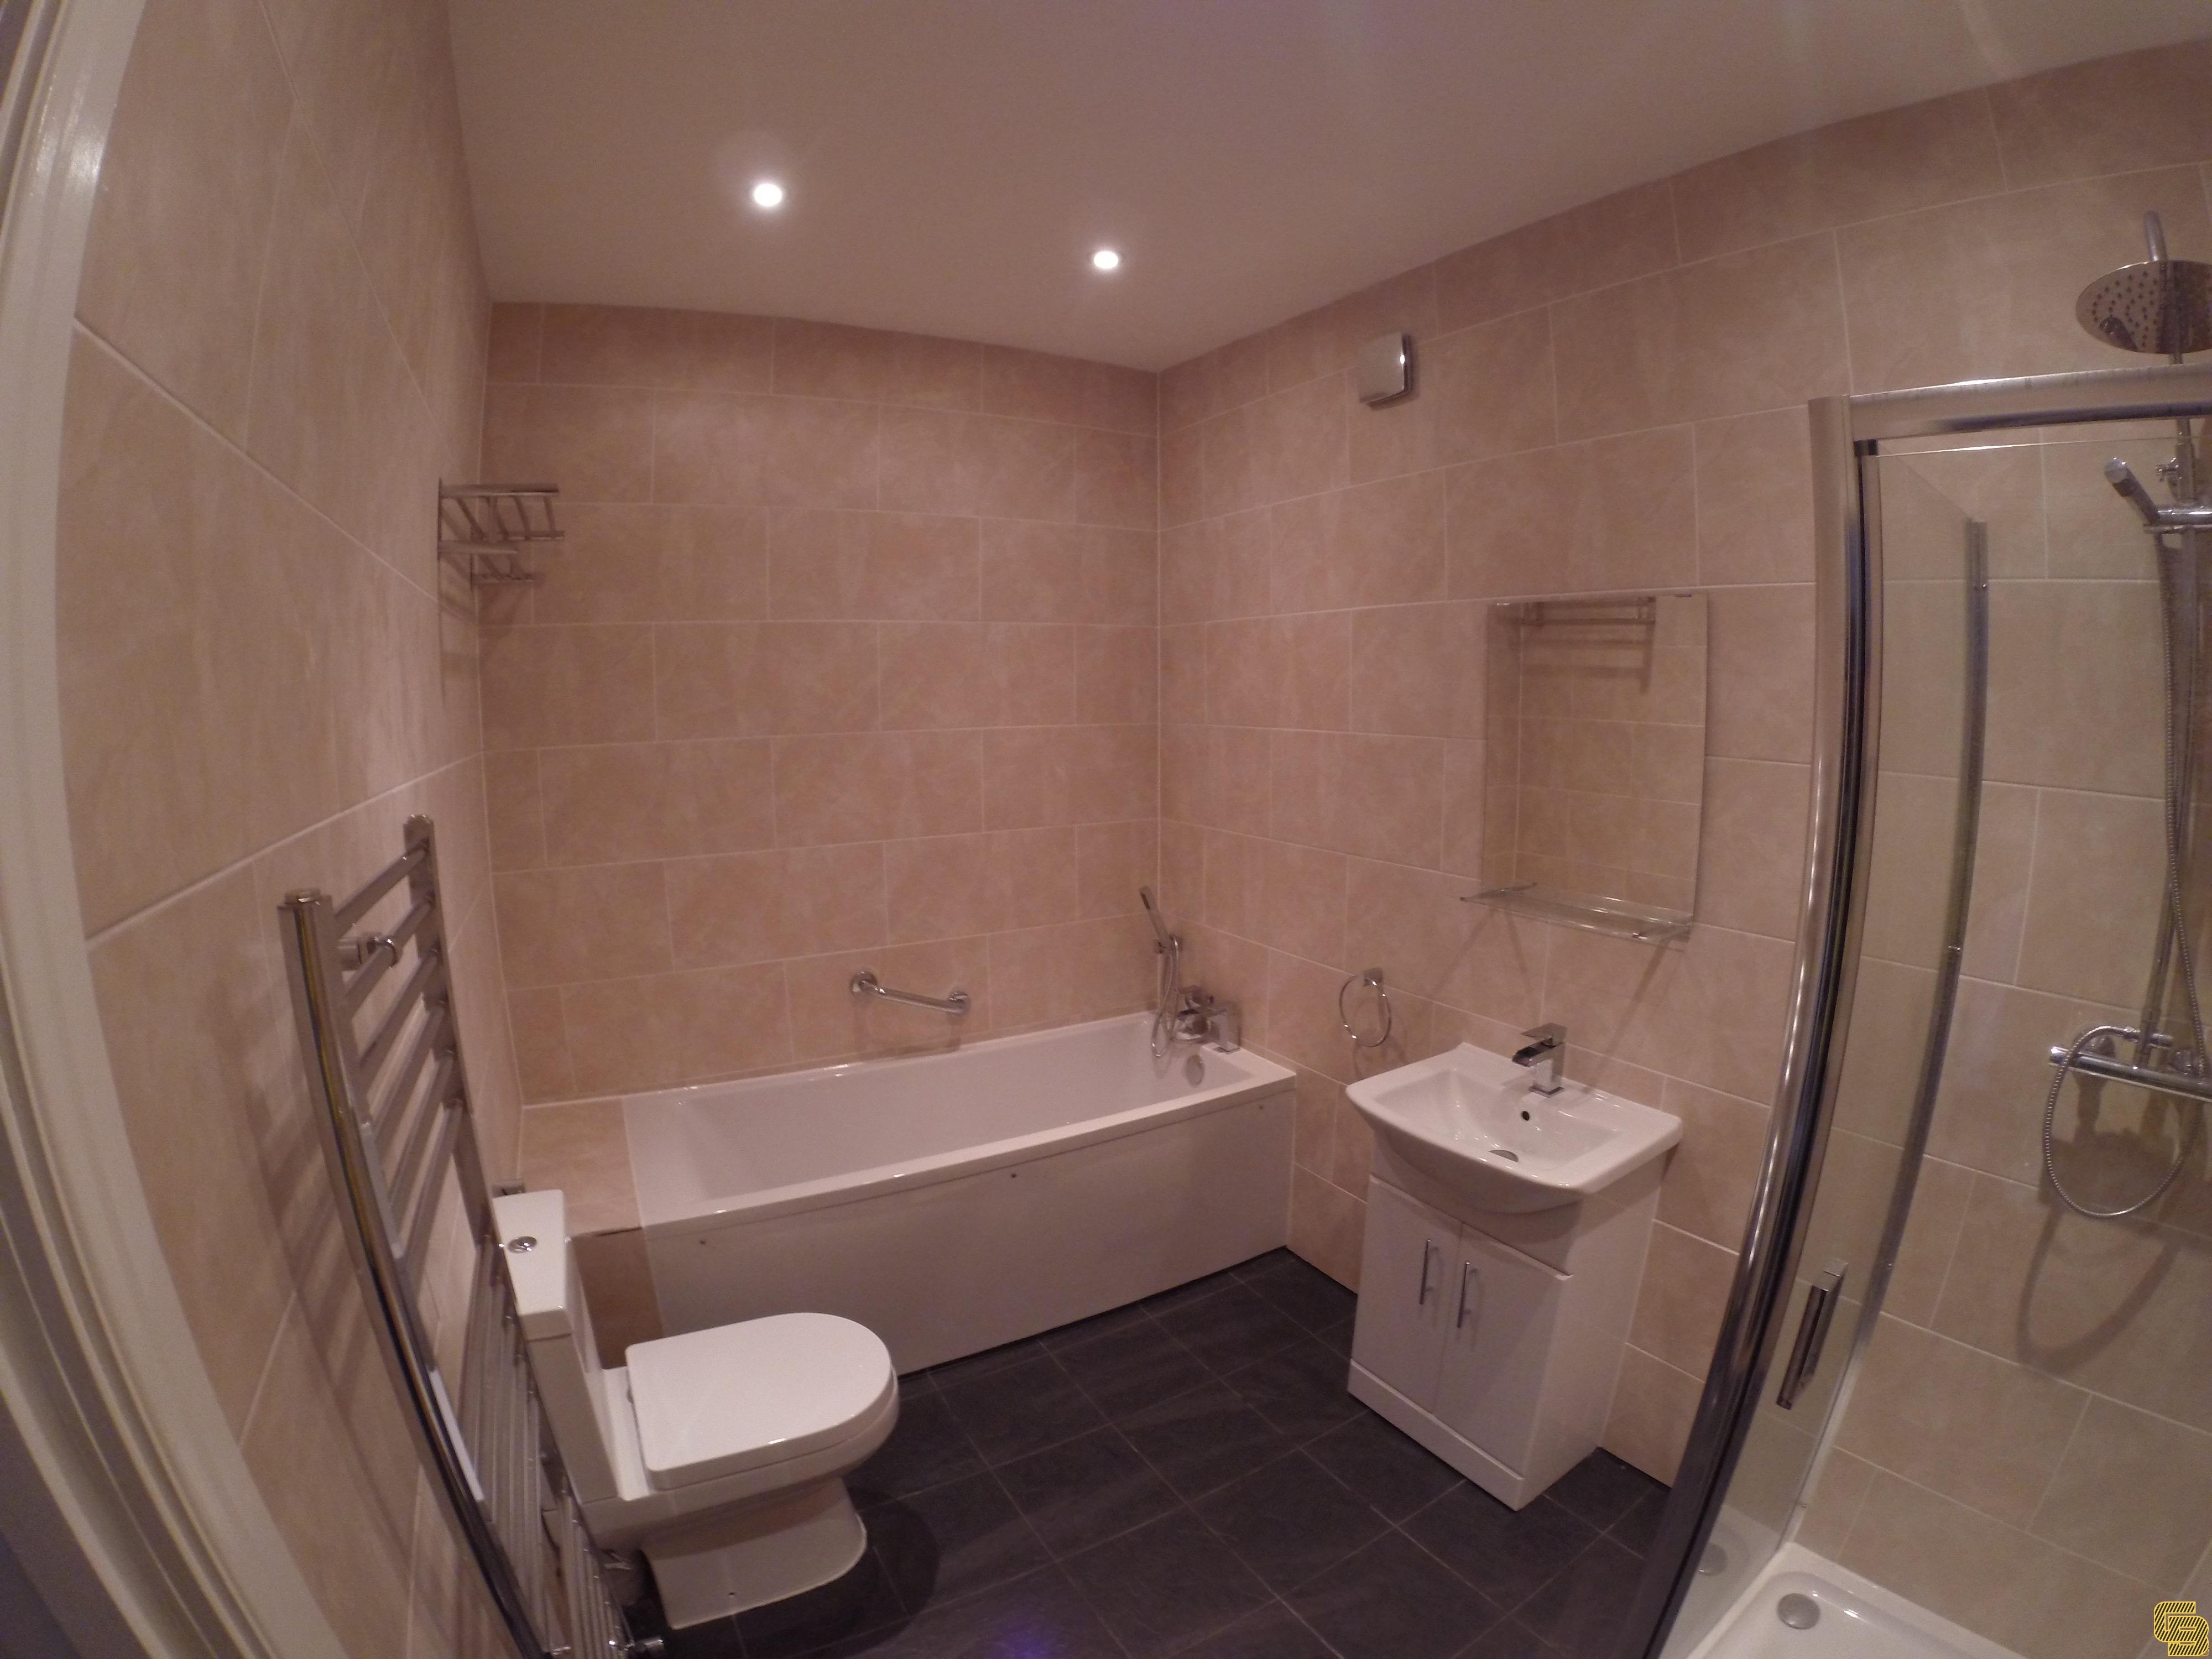 Budget Bathroom Renovation (After)